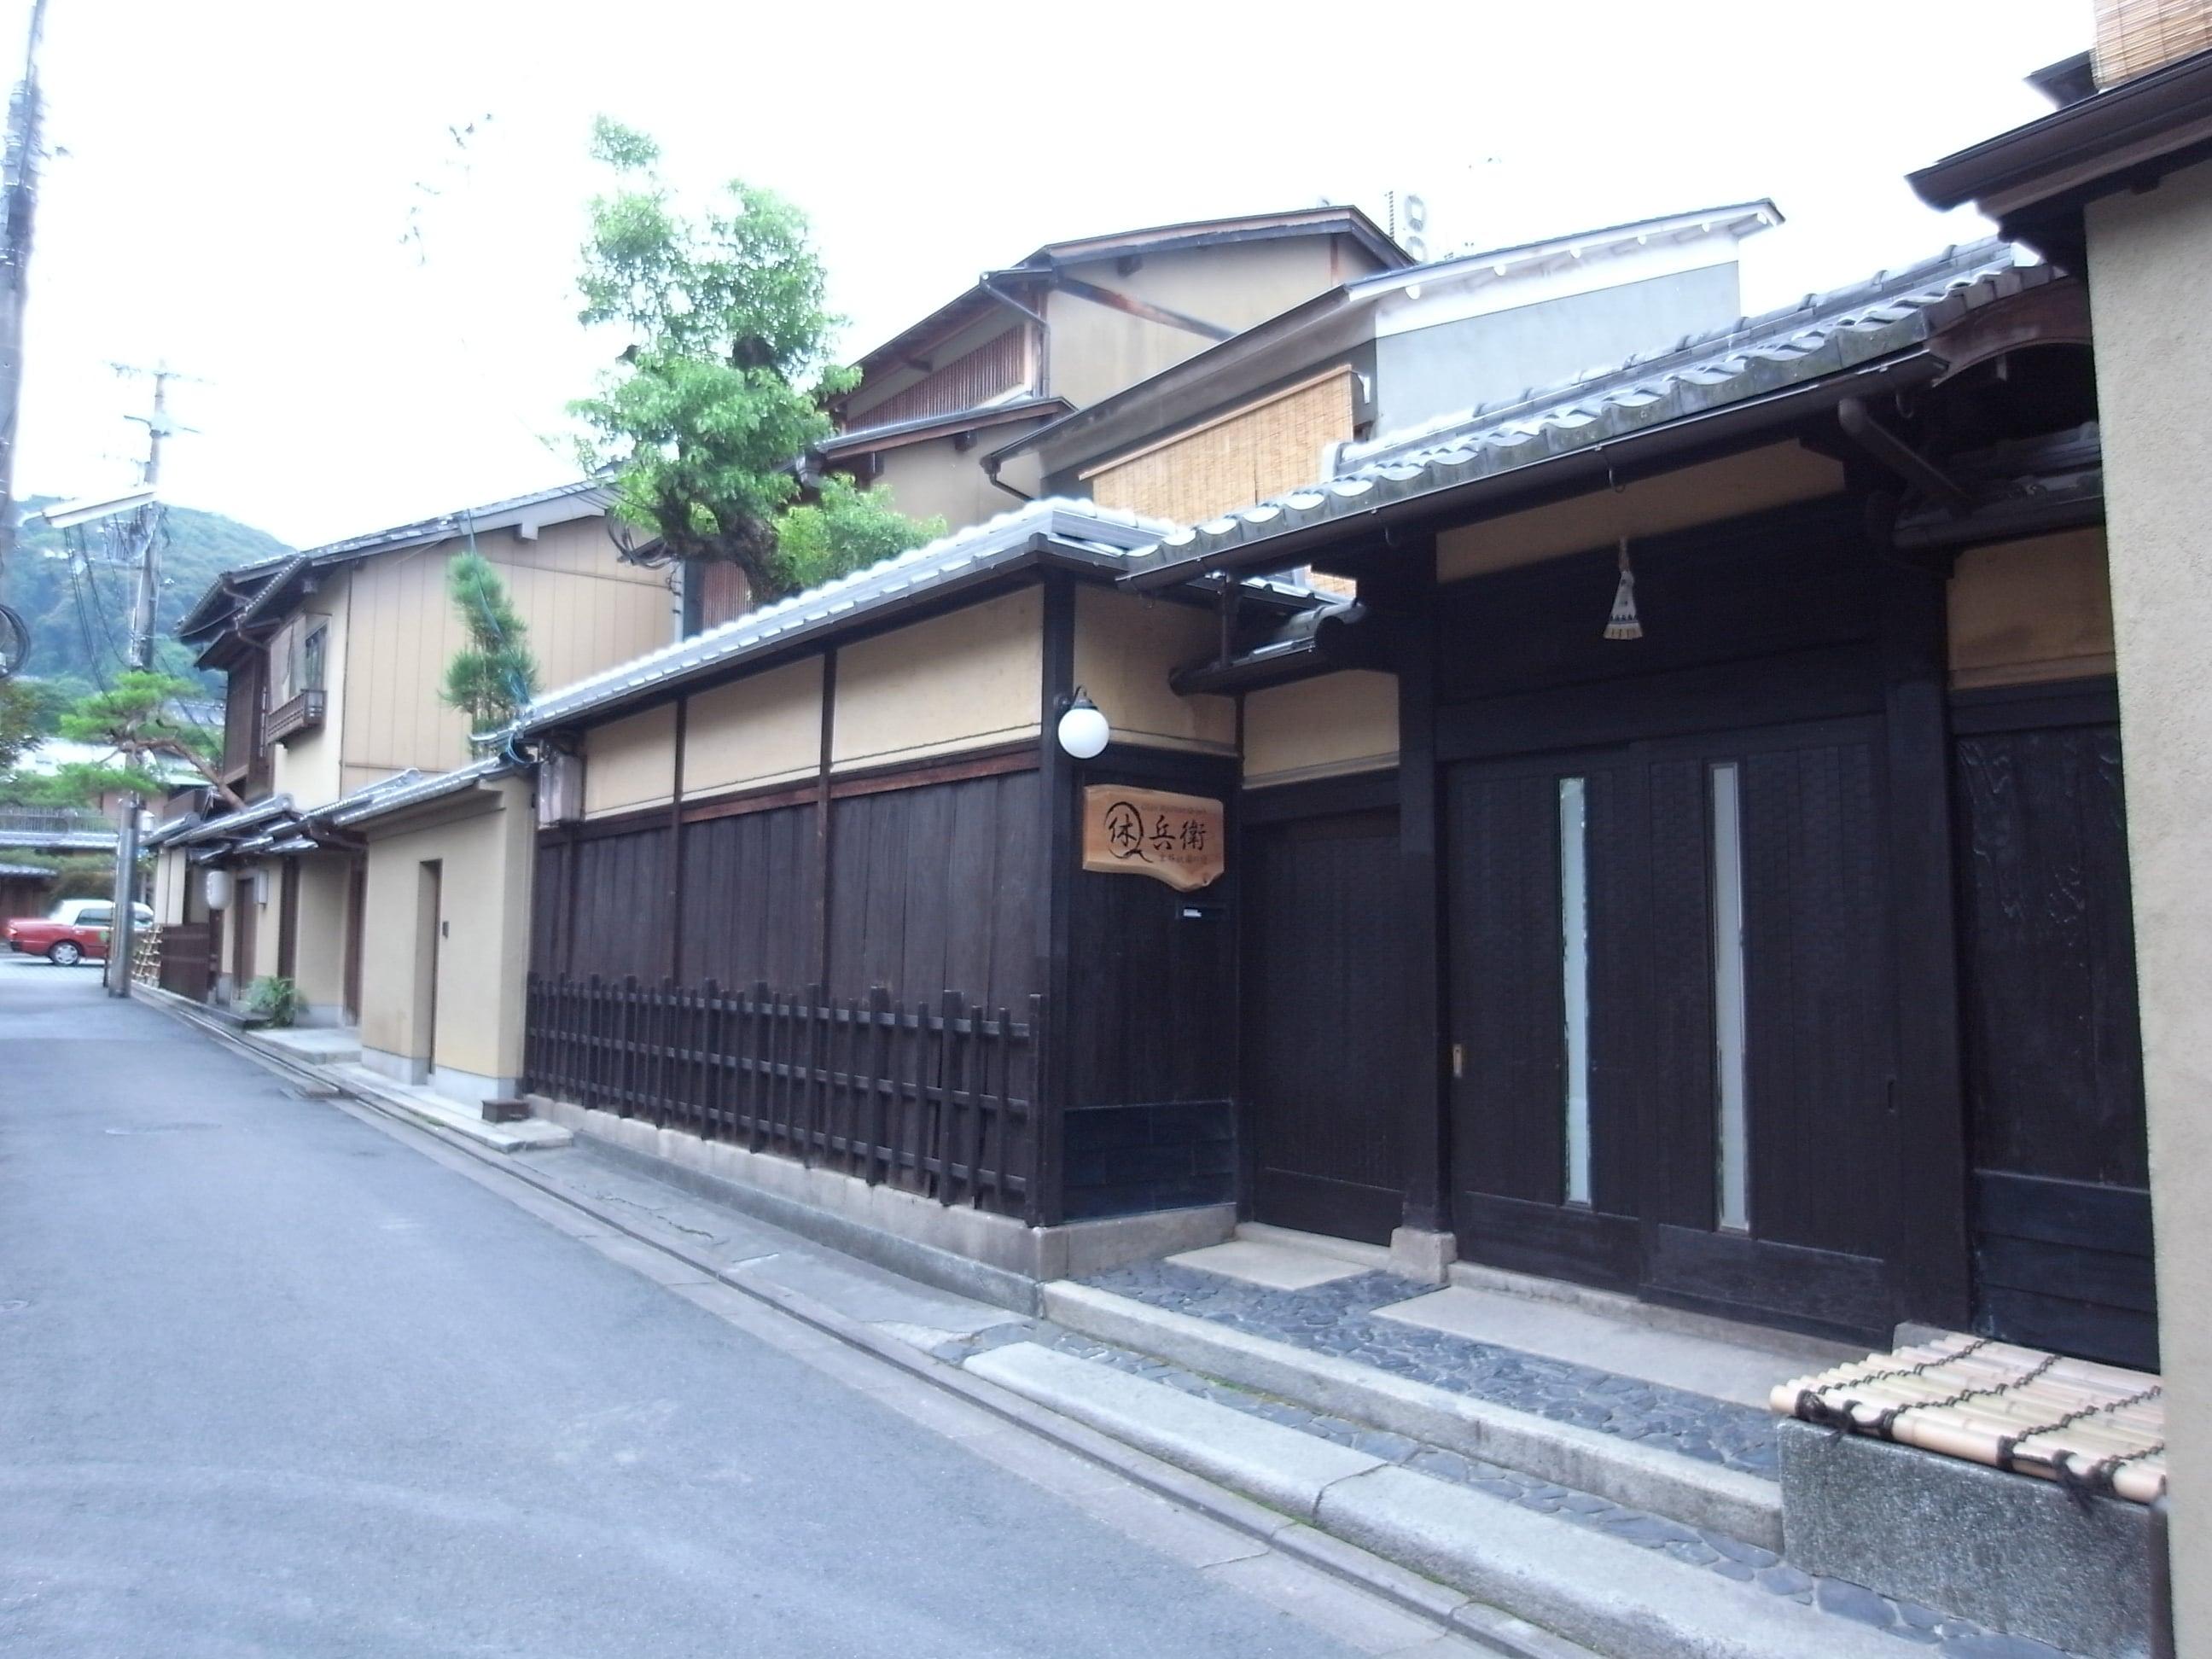 |京都|ゲストハウス|京都|【食事補助1.5万円/月】 閑静な祇園エリアで国内留学体験しませんか♪